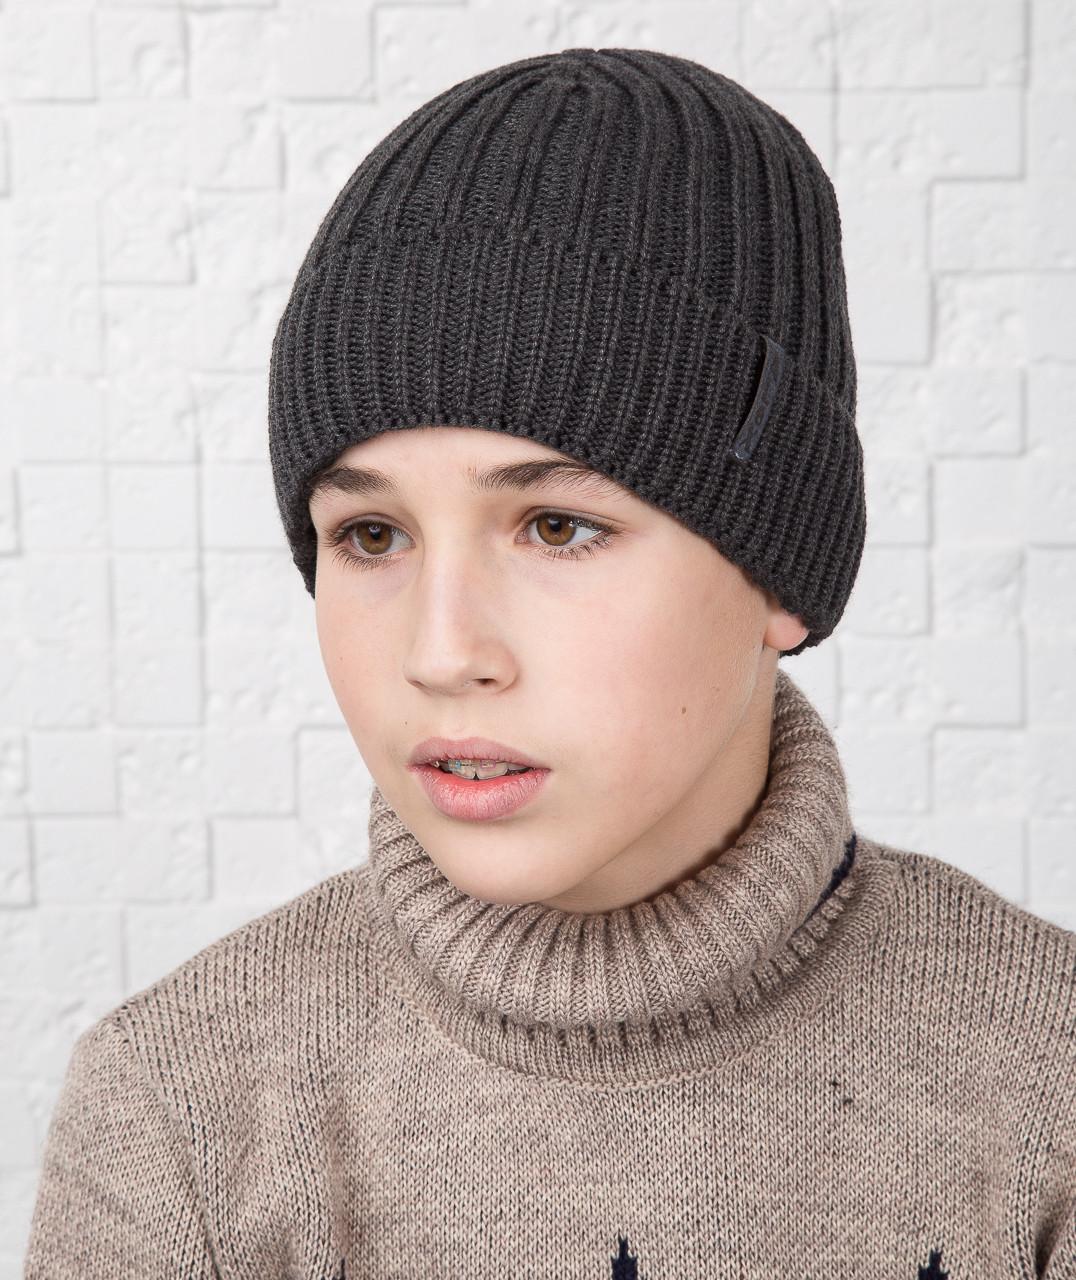 Зимняя вязаная шапка для мальчика подростка с отворотом - Артикул AL17022